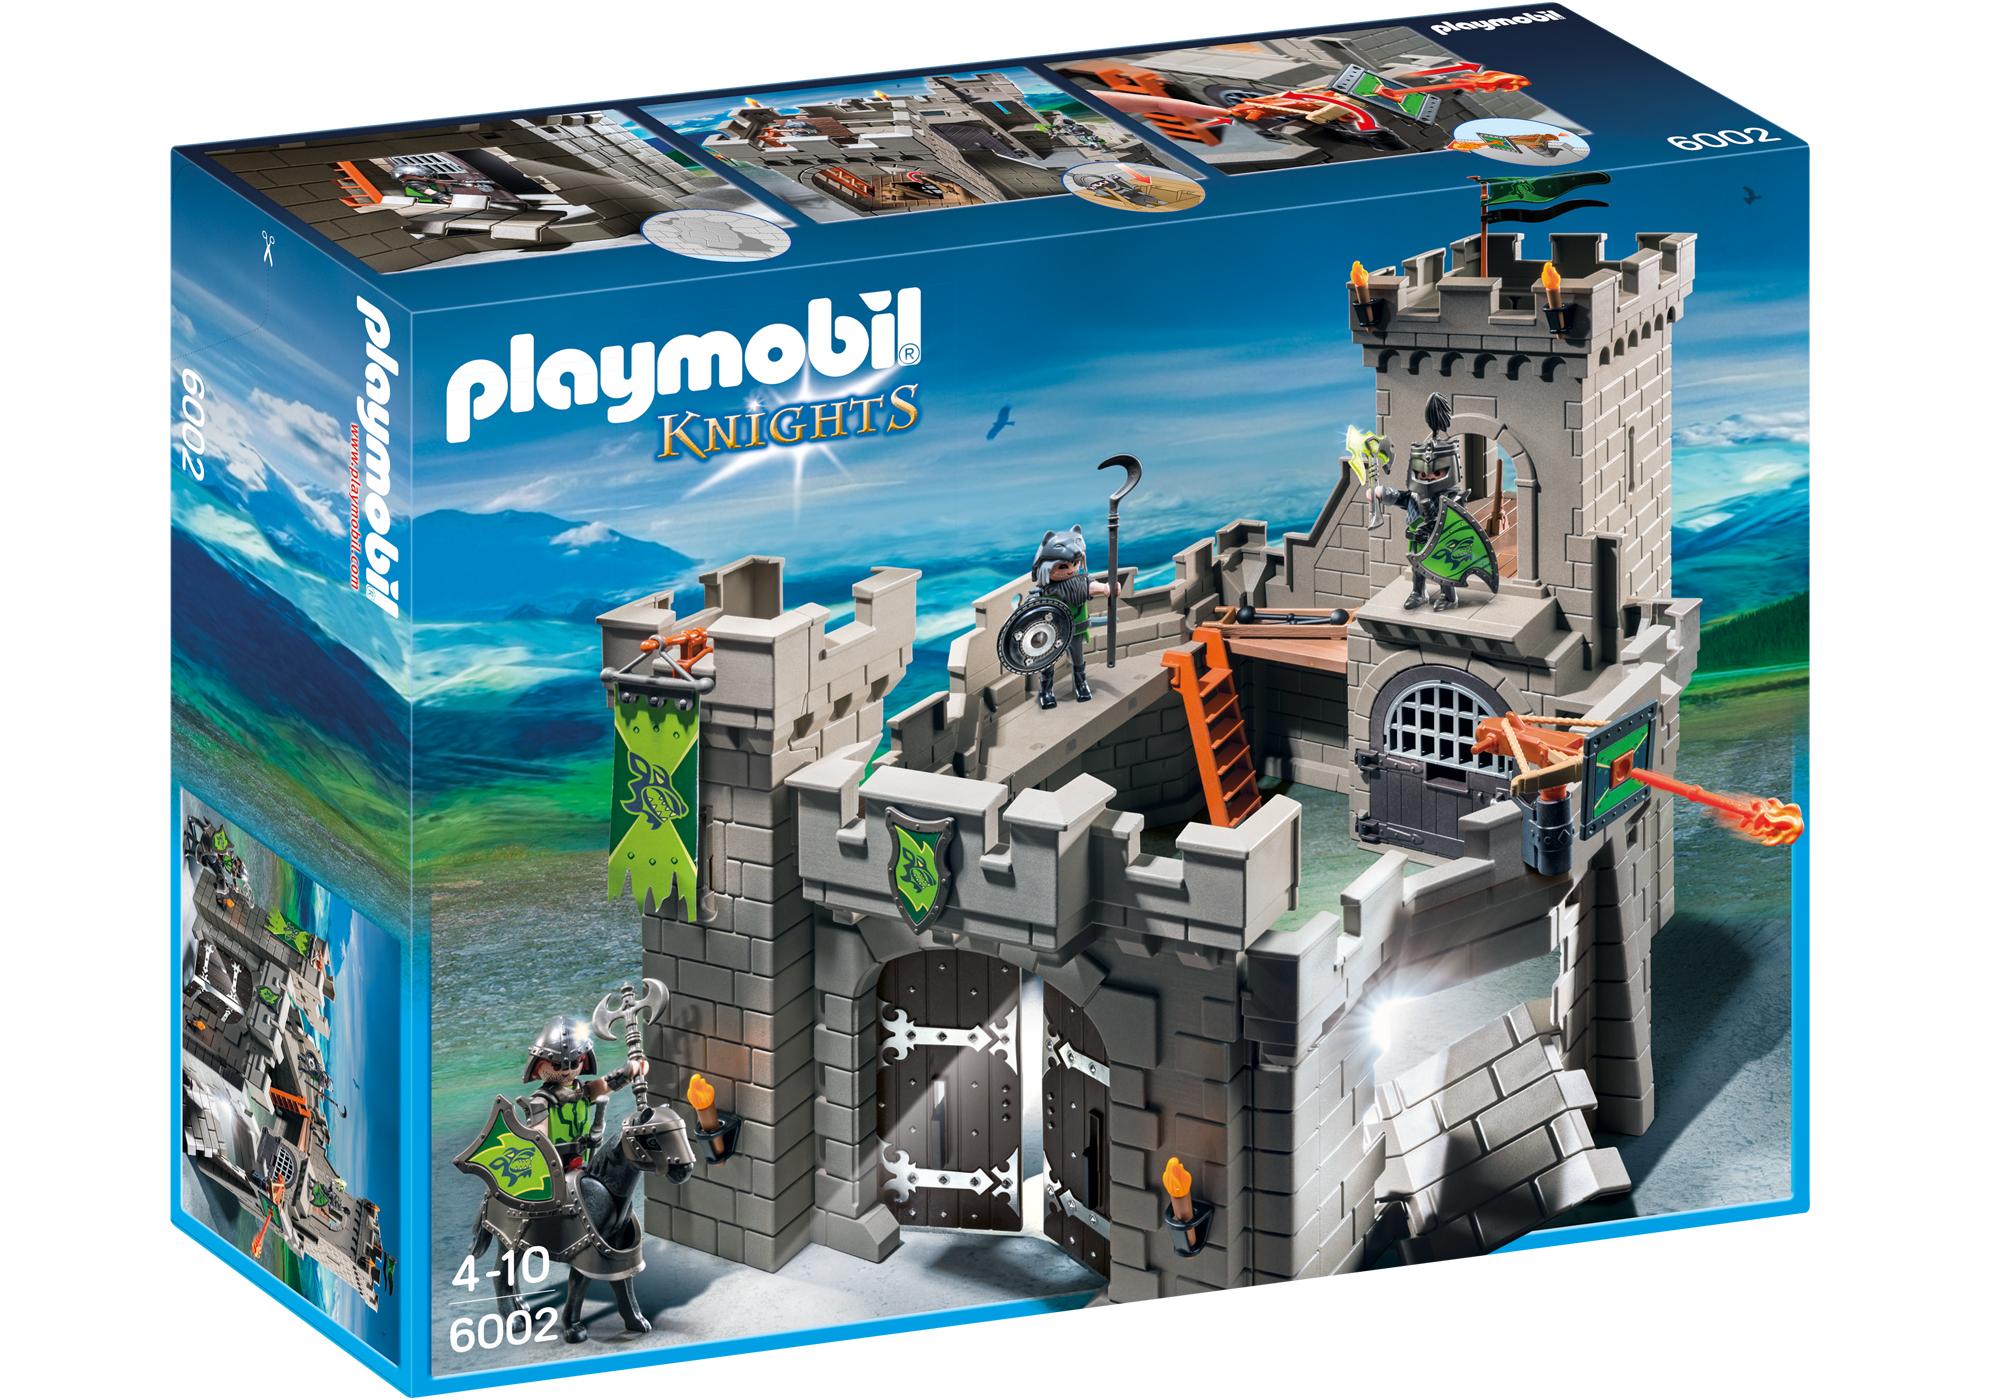 http://media.playmobil.com/i/playmobil/6002_product_box_front/Fortaleza dos Cavaleiros do Lobo